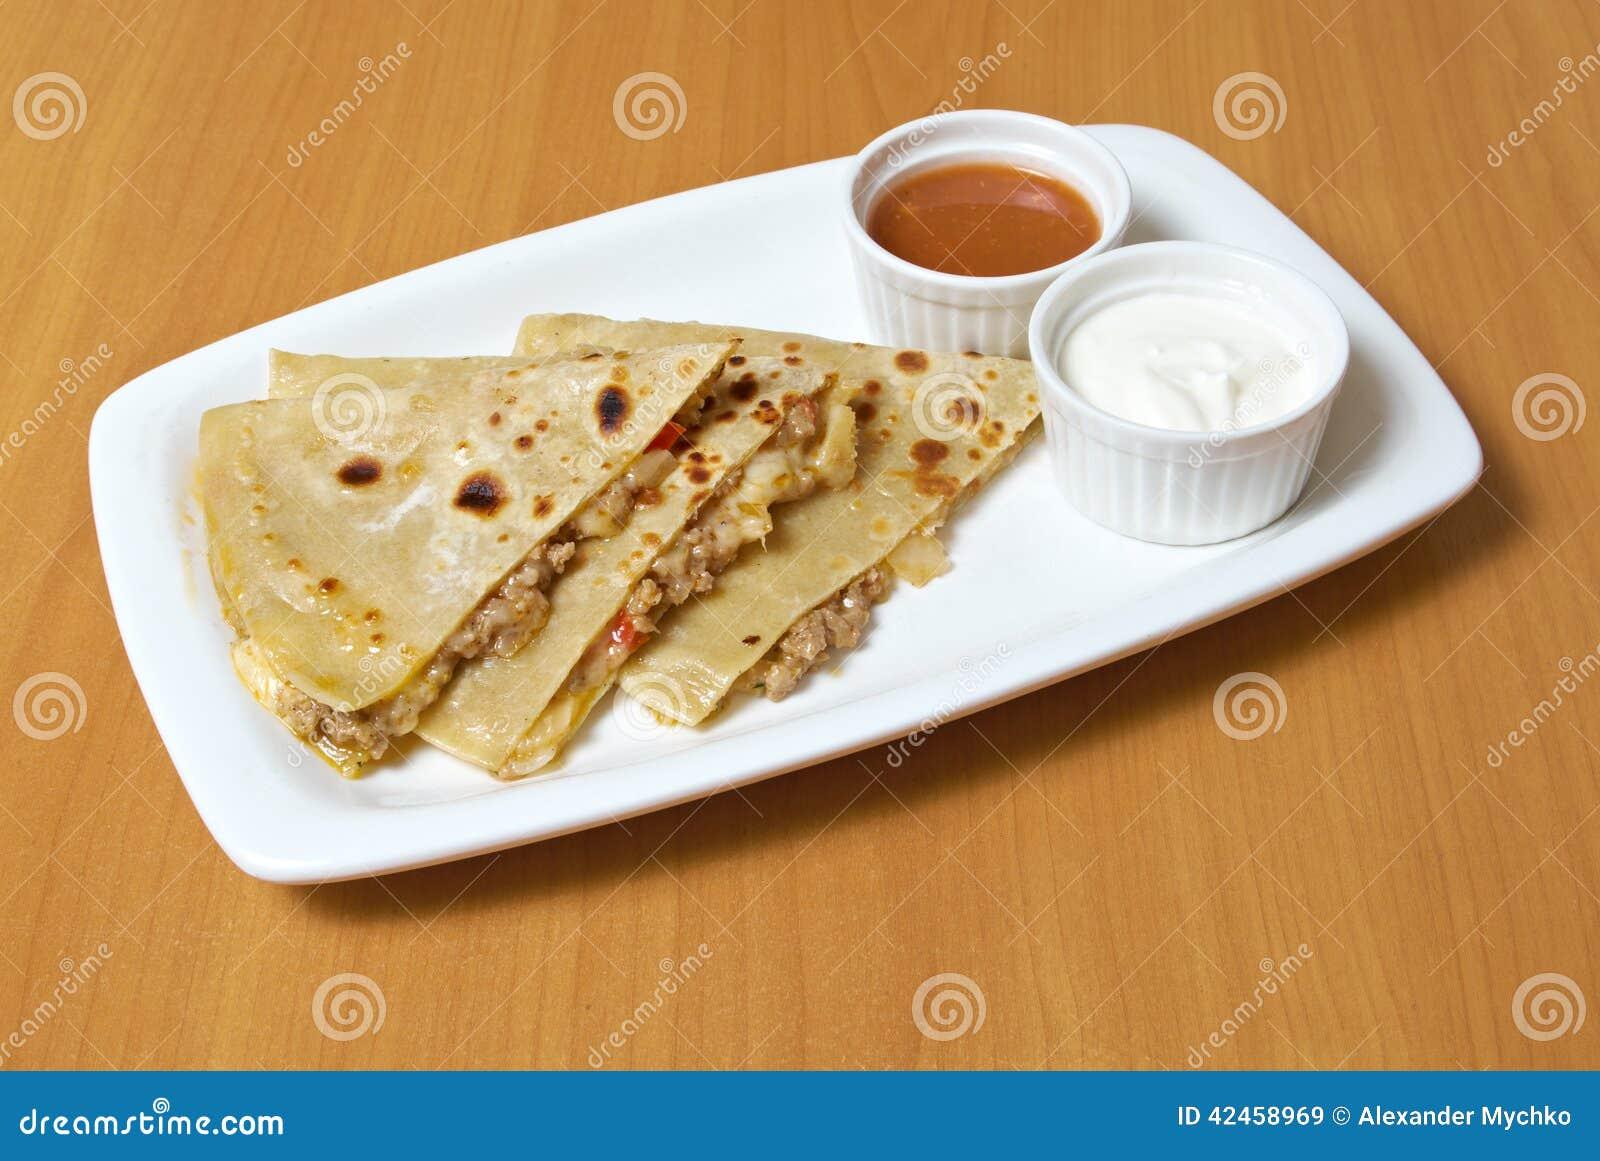 Quesadilla mit Hühnerfleisch,